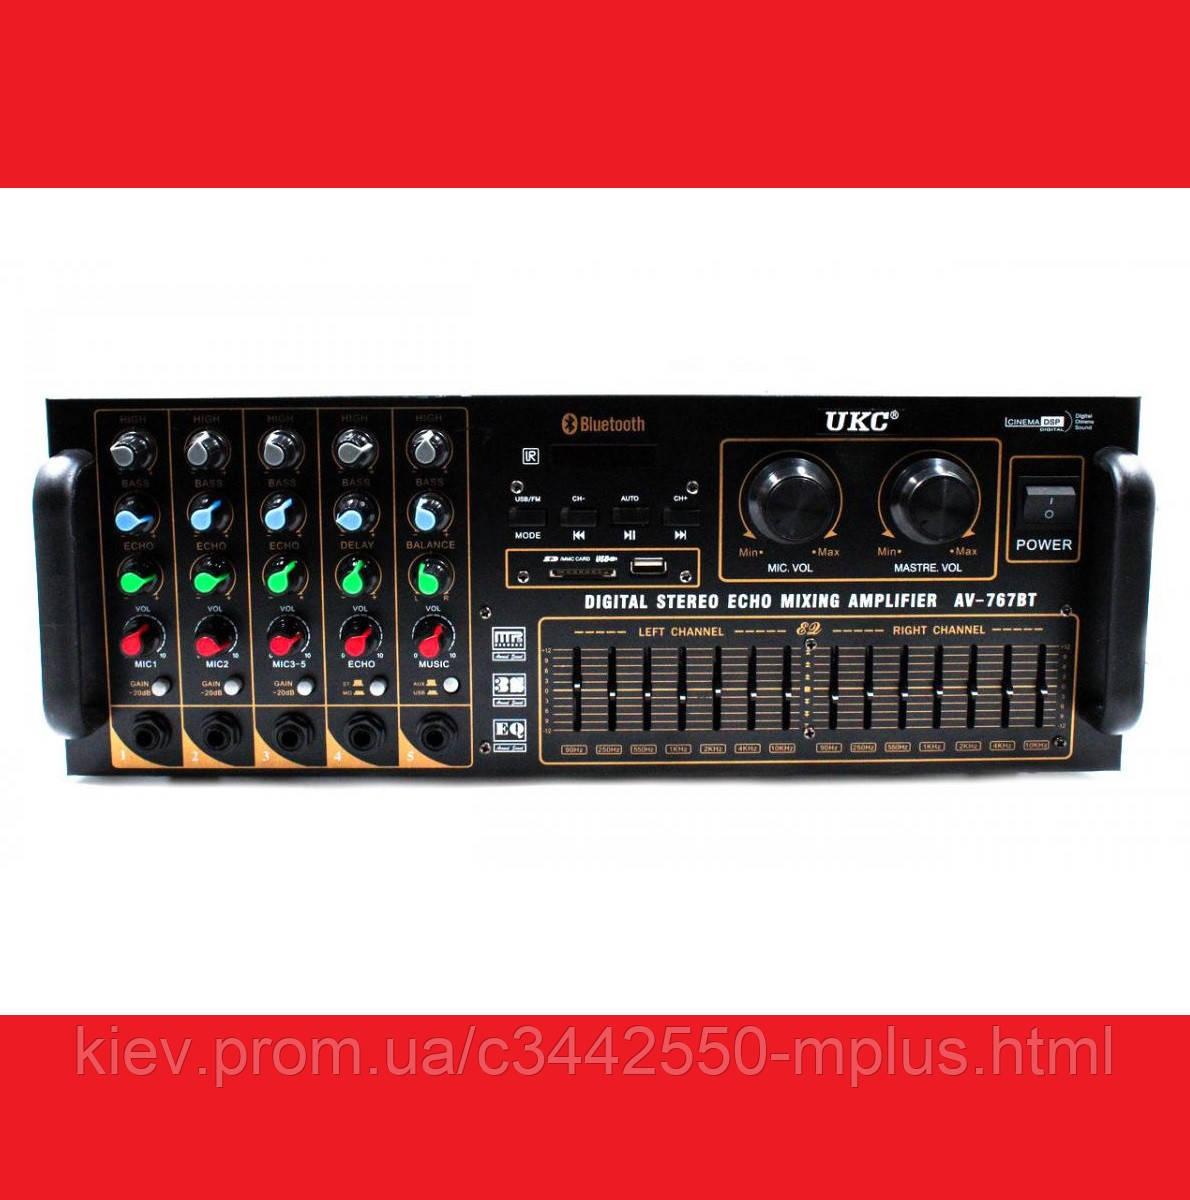 Усилитель UKC AV-767BT Bluetooth FM SD USB AUX Караоке 5xМикрофонов 8-канальный